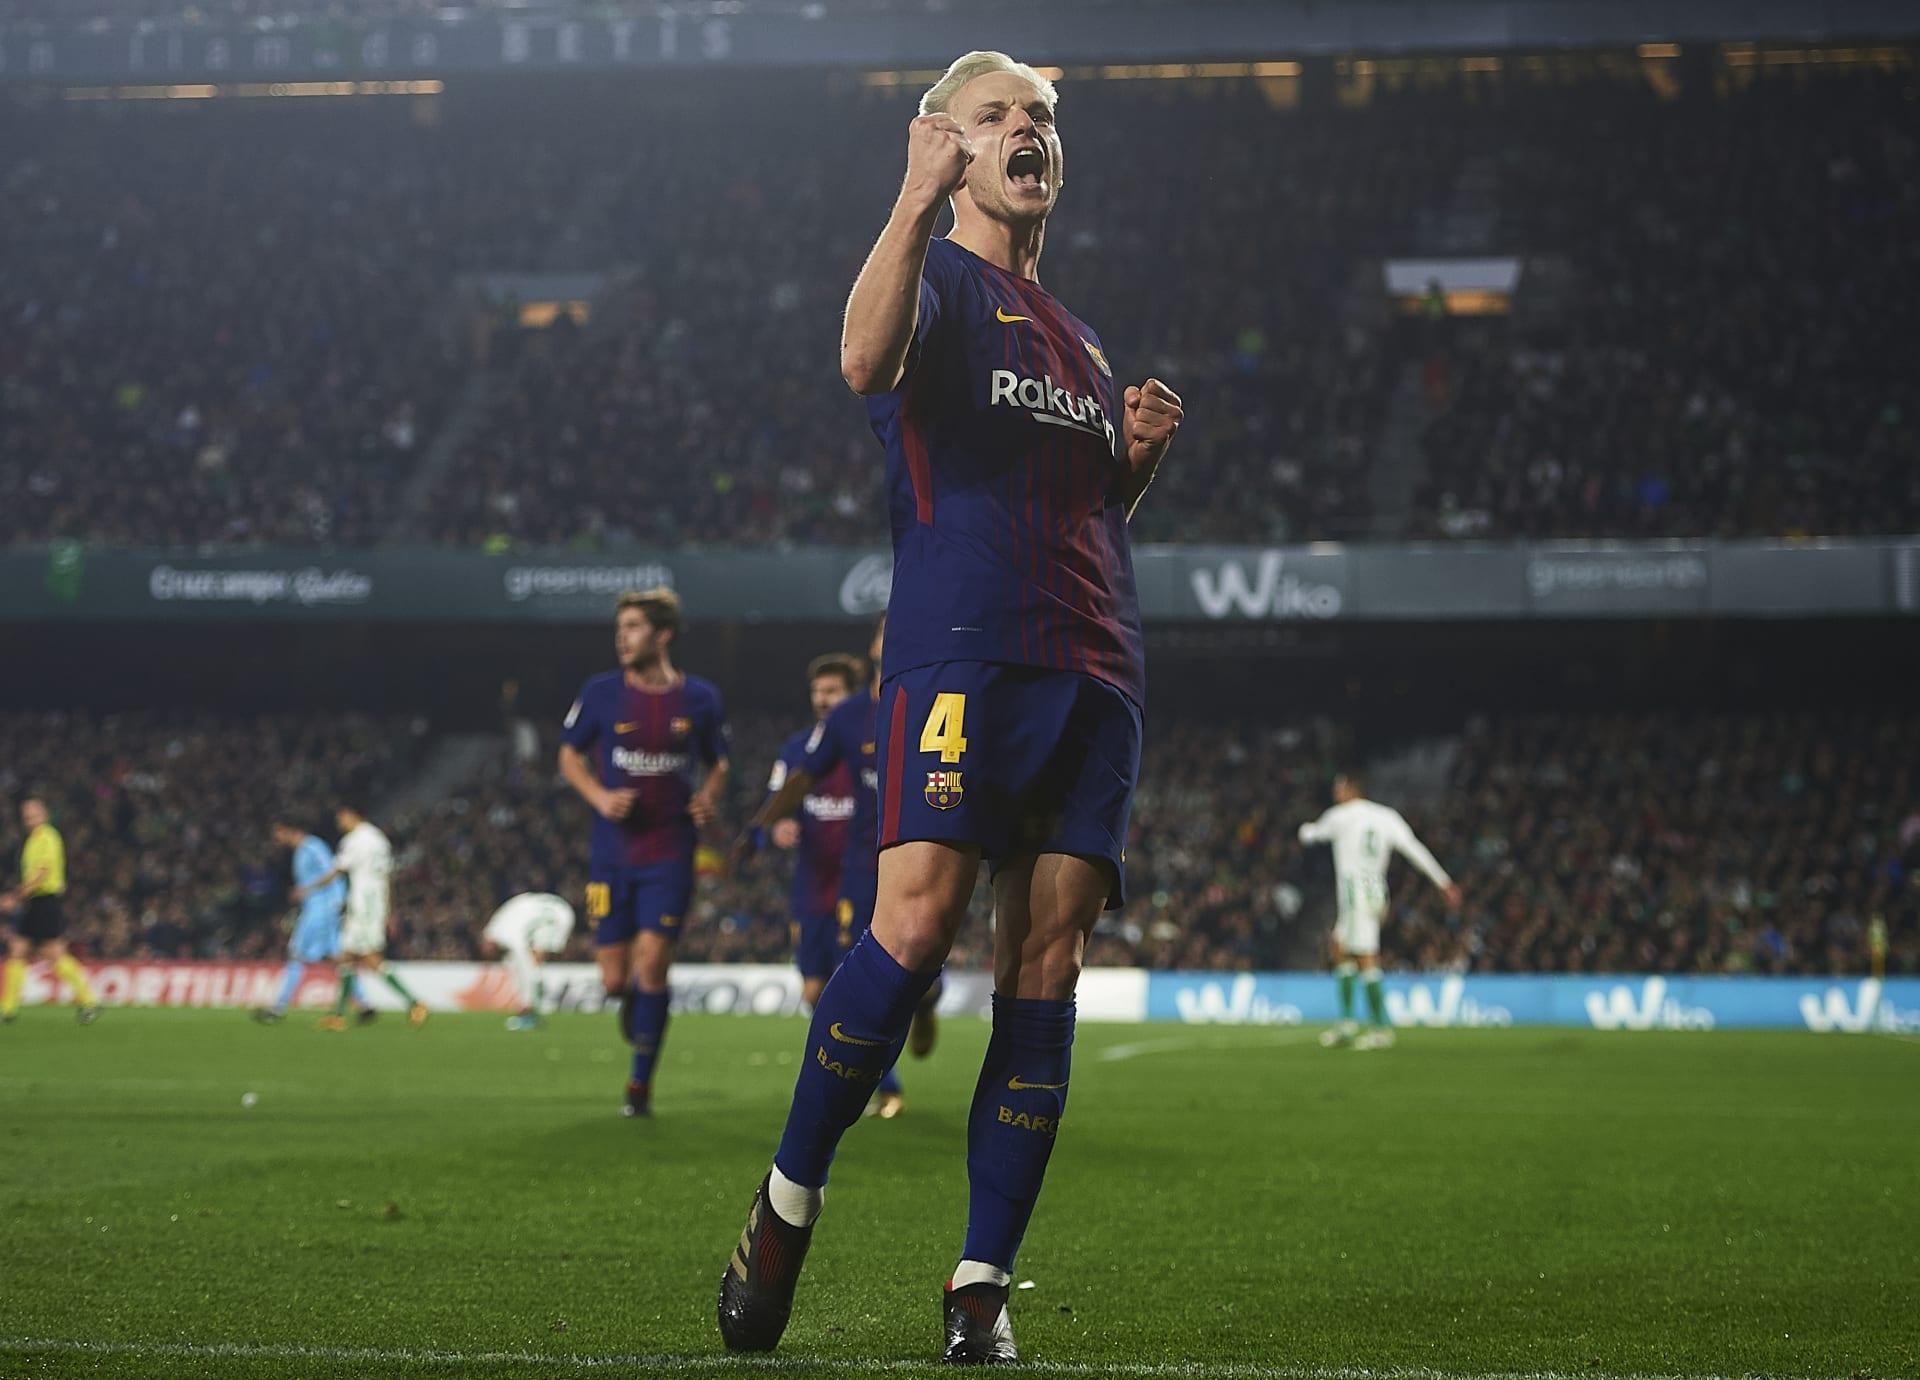 برشلونة يكتسح بيتيس ويحلق بعيدا في صدارة الدوري